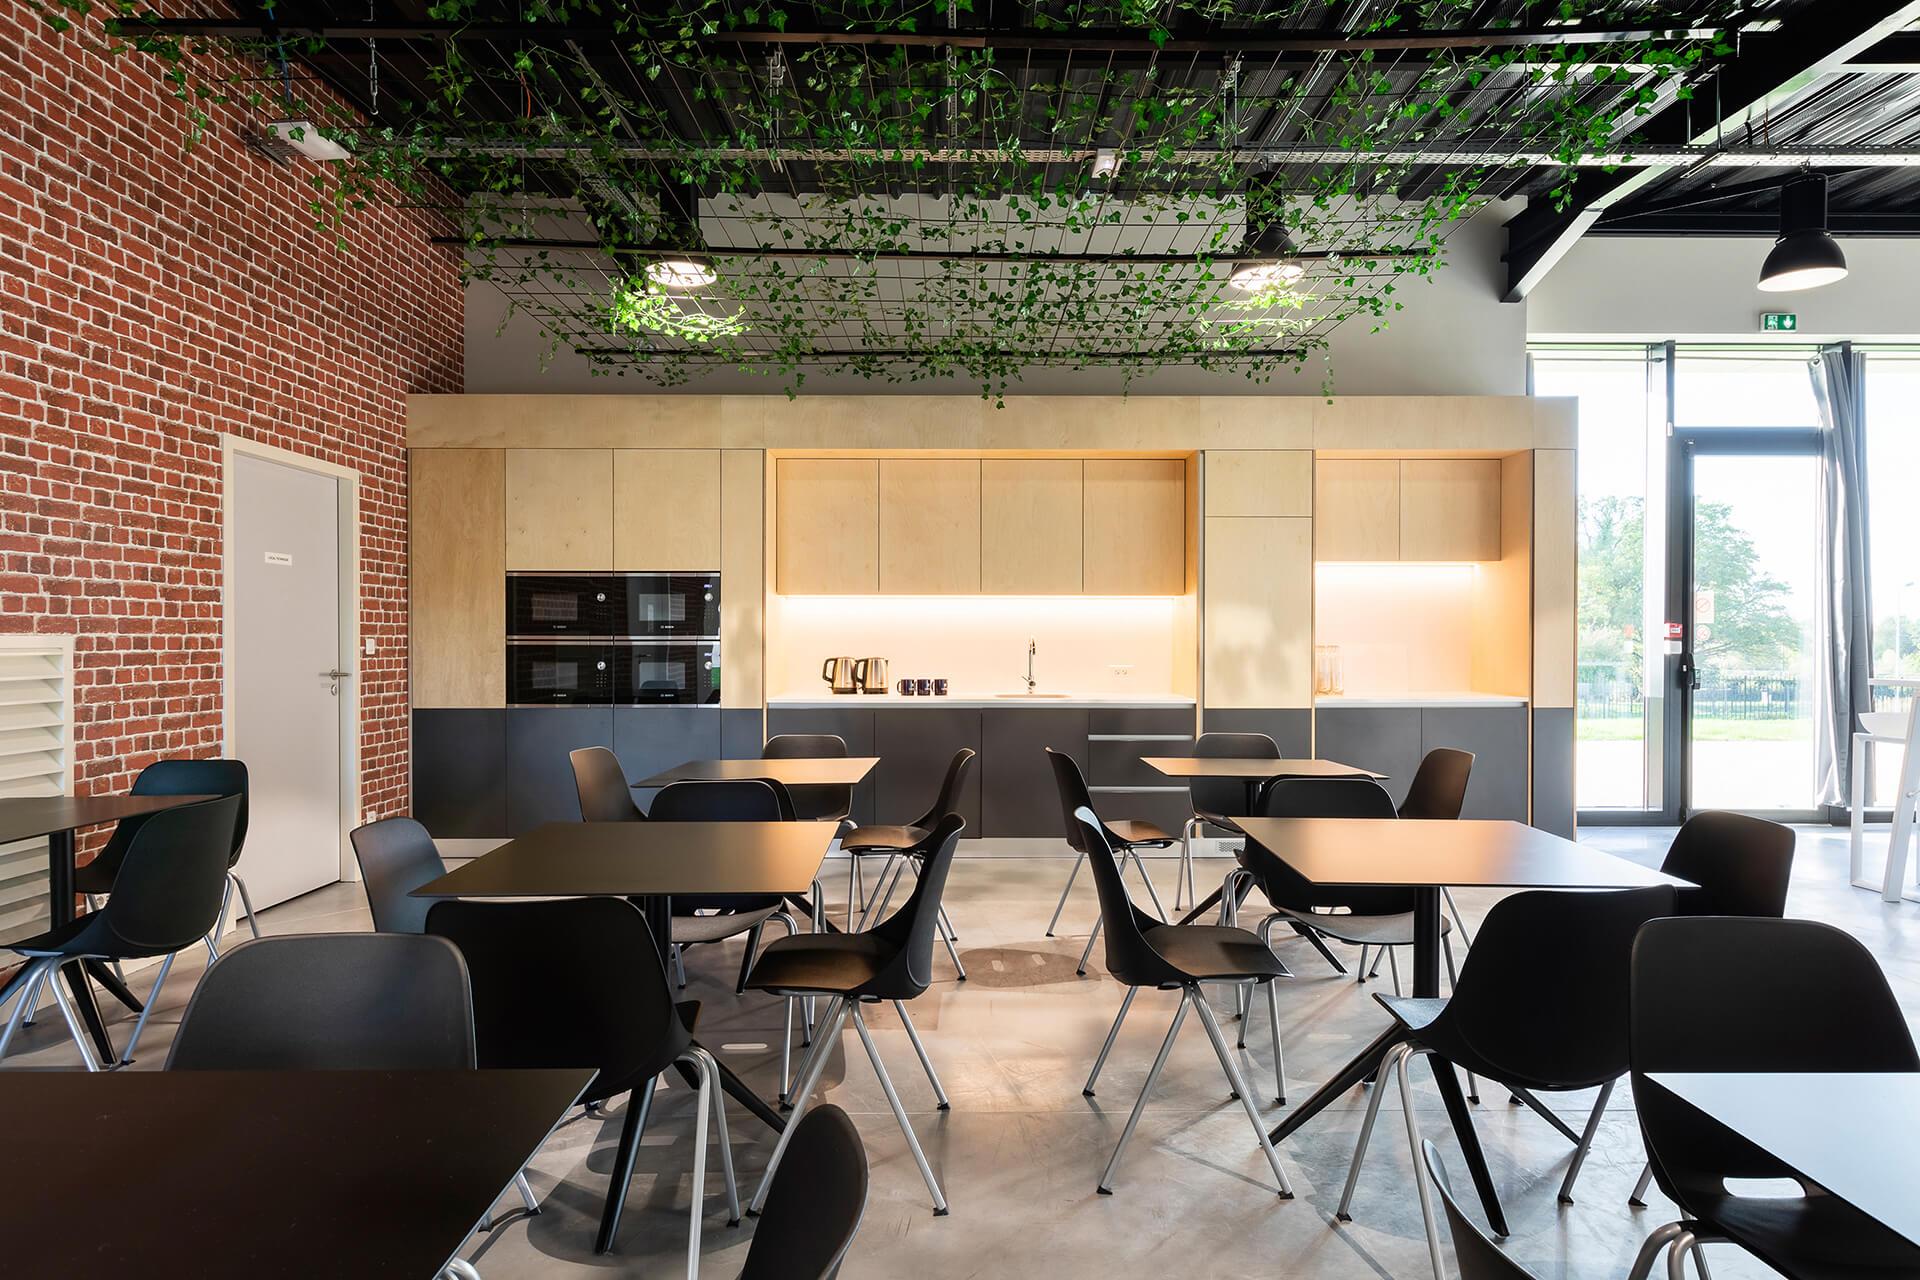 espaço de refeições e convívio de centro de negócios com cozinha e mobiliário em madeira